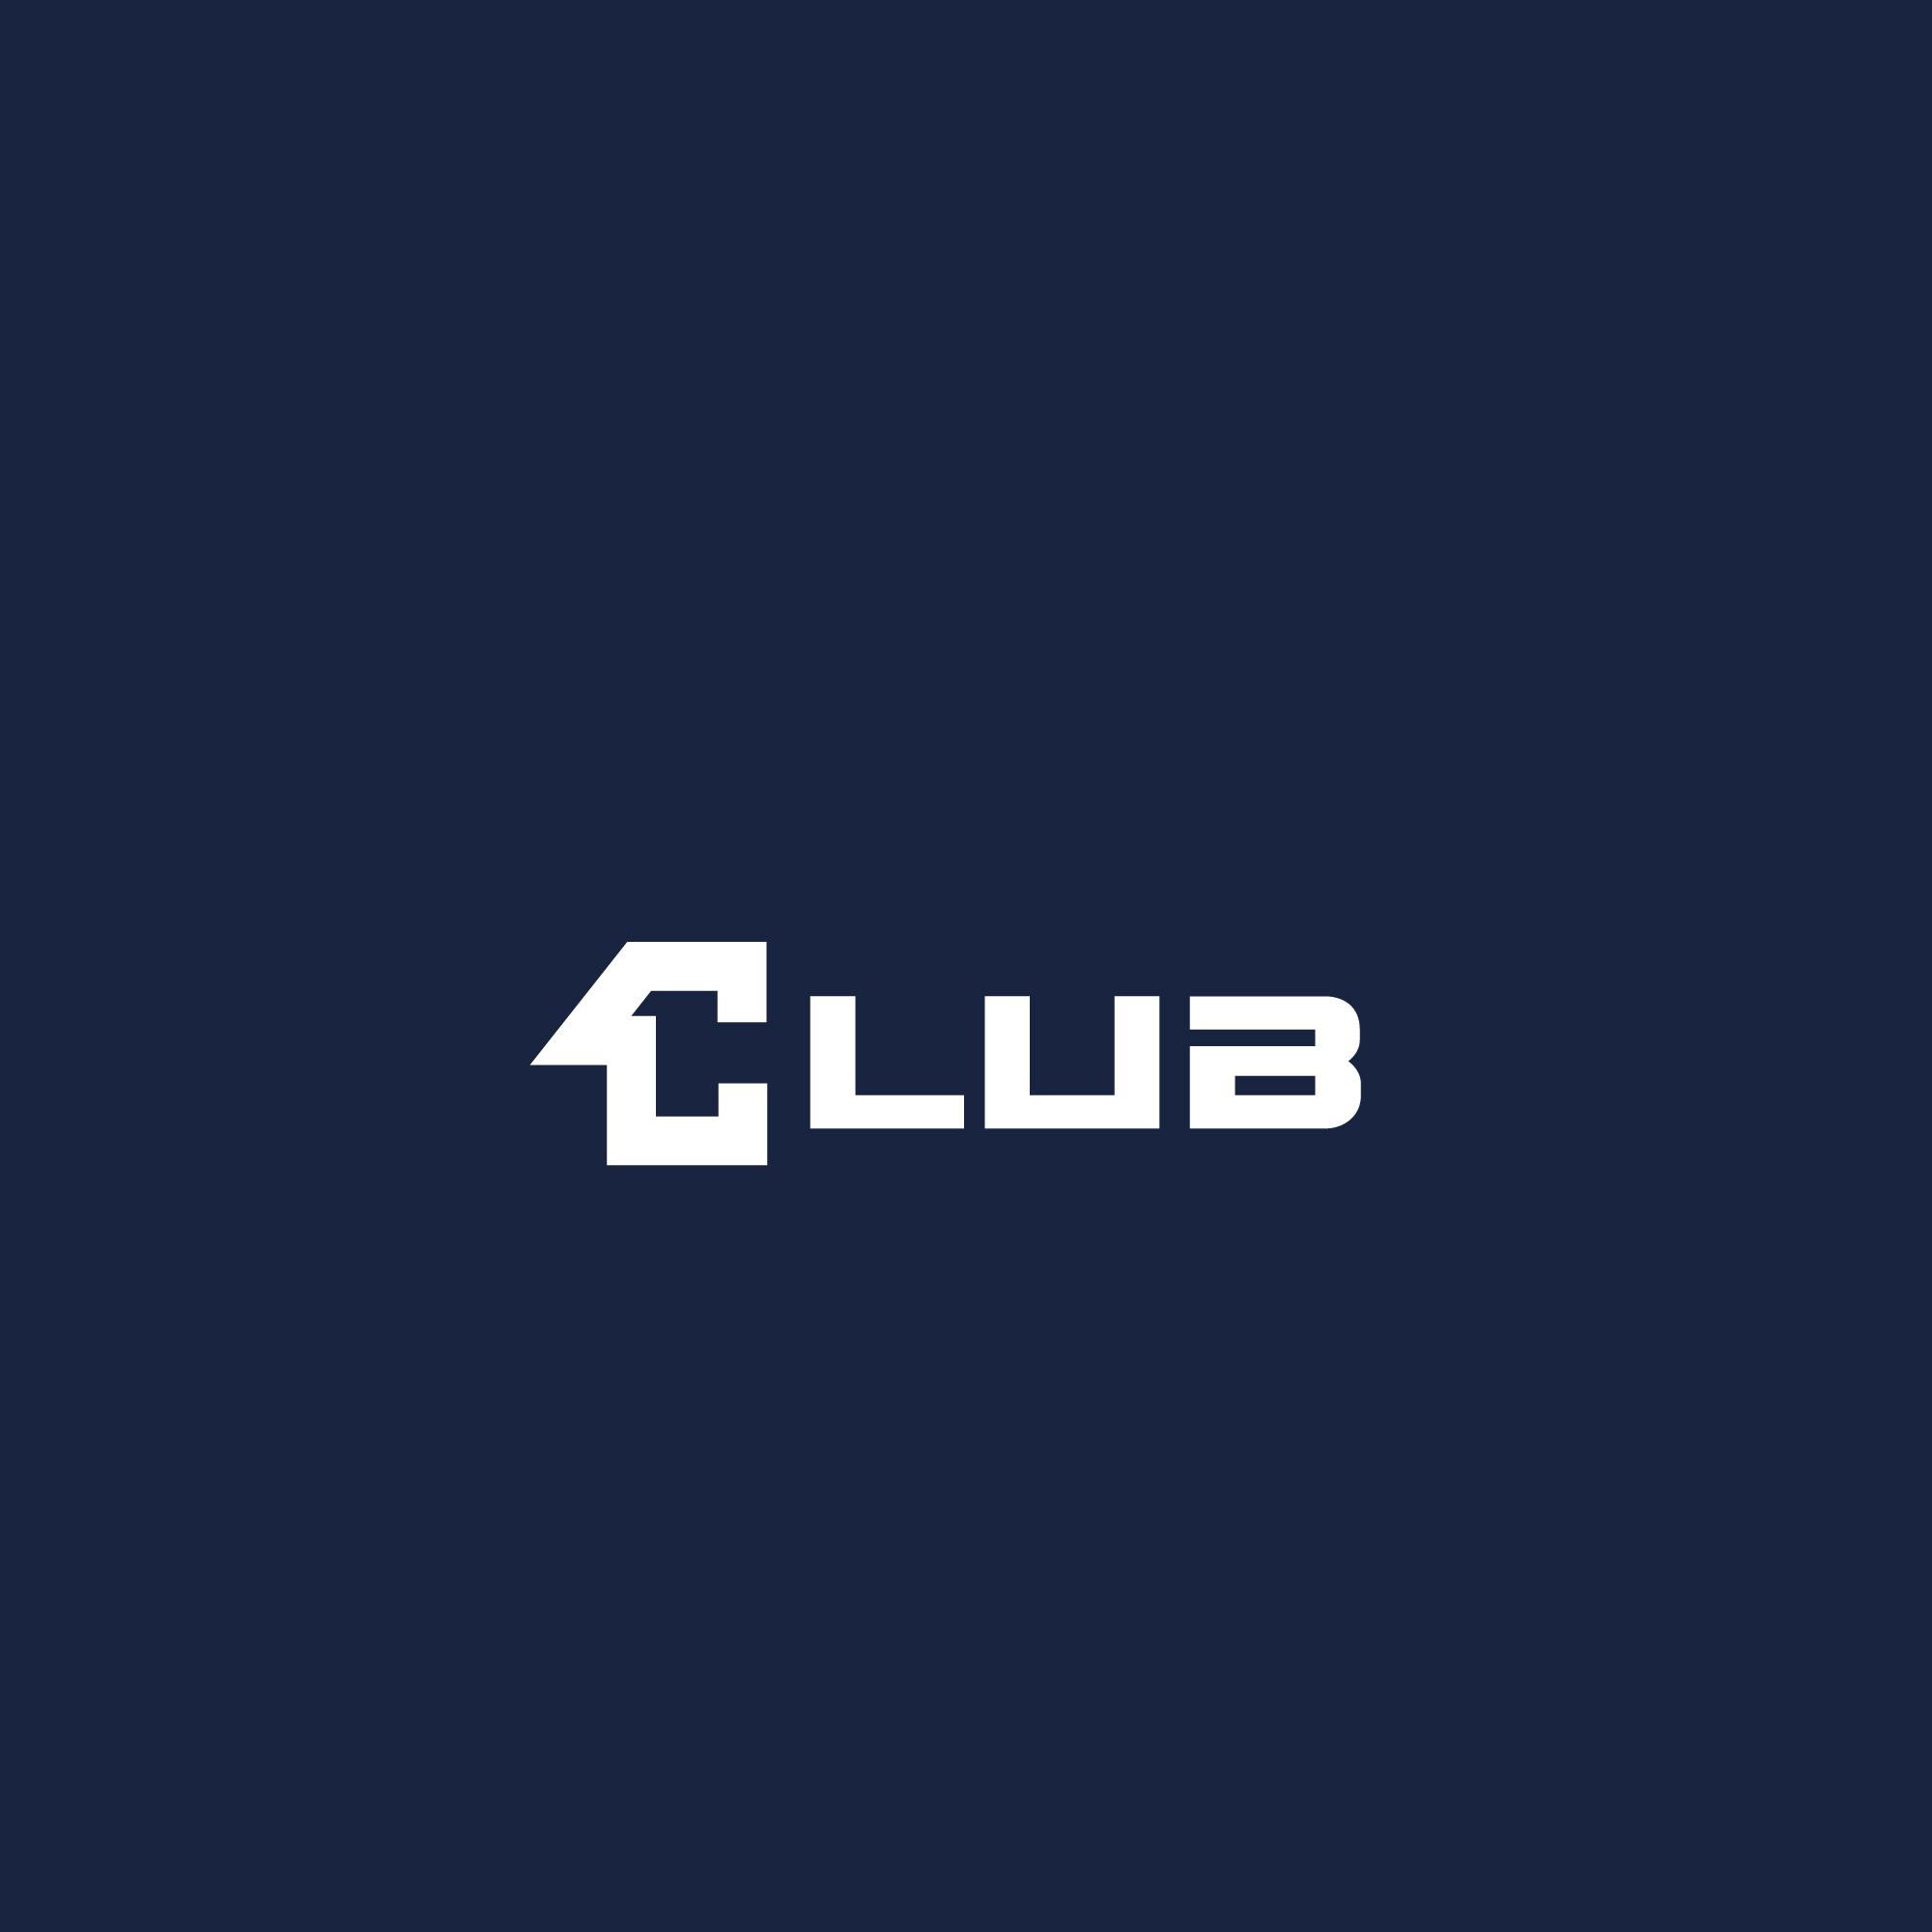 Логотип делового клуба фото f_6355f8743bddc9ea.jpg